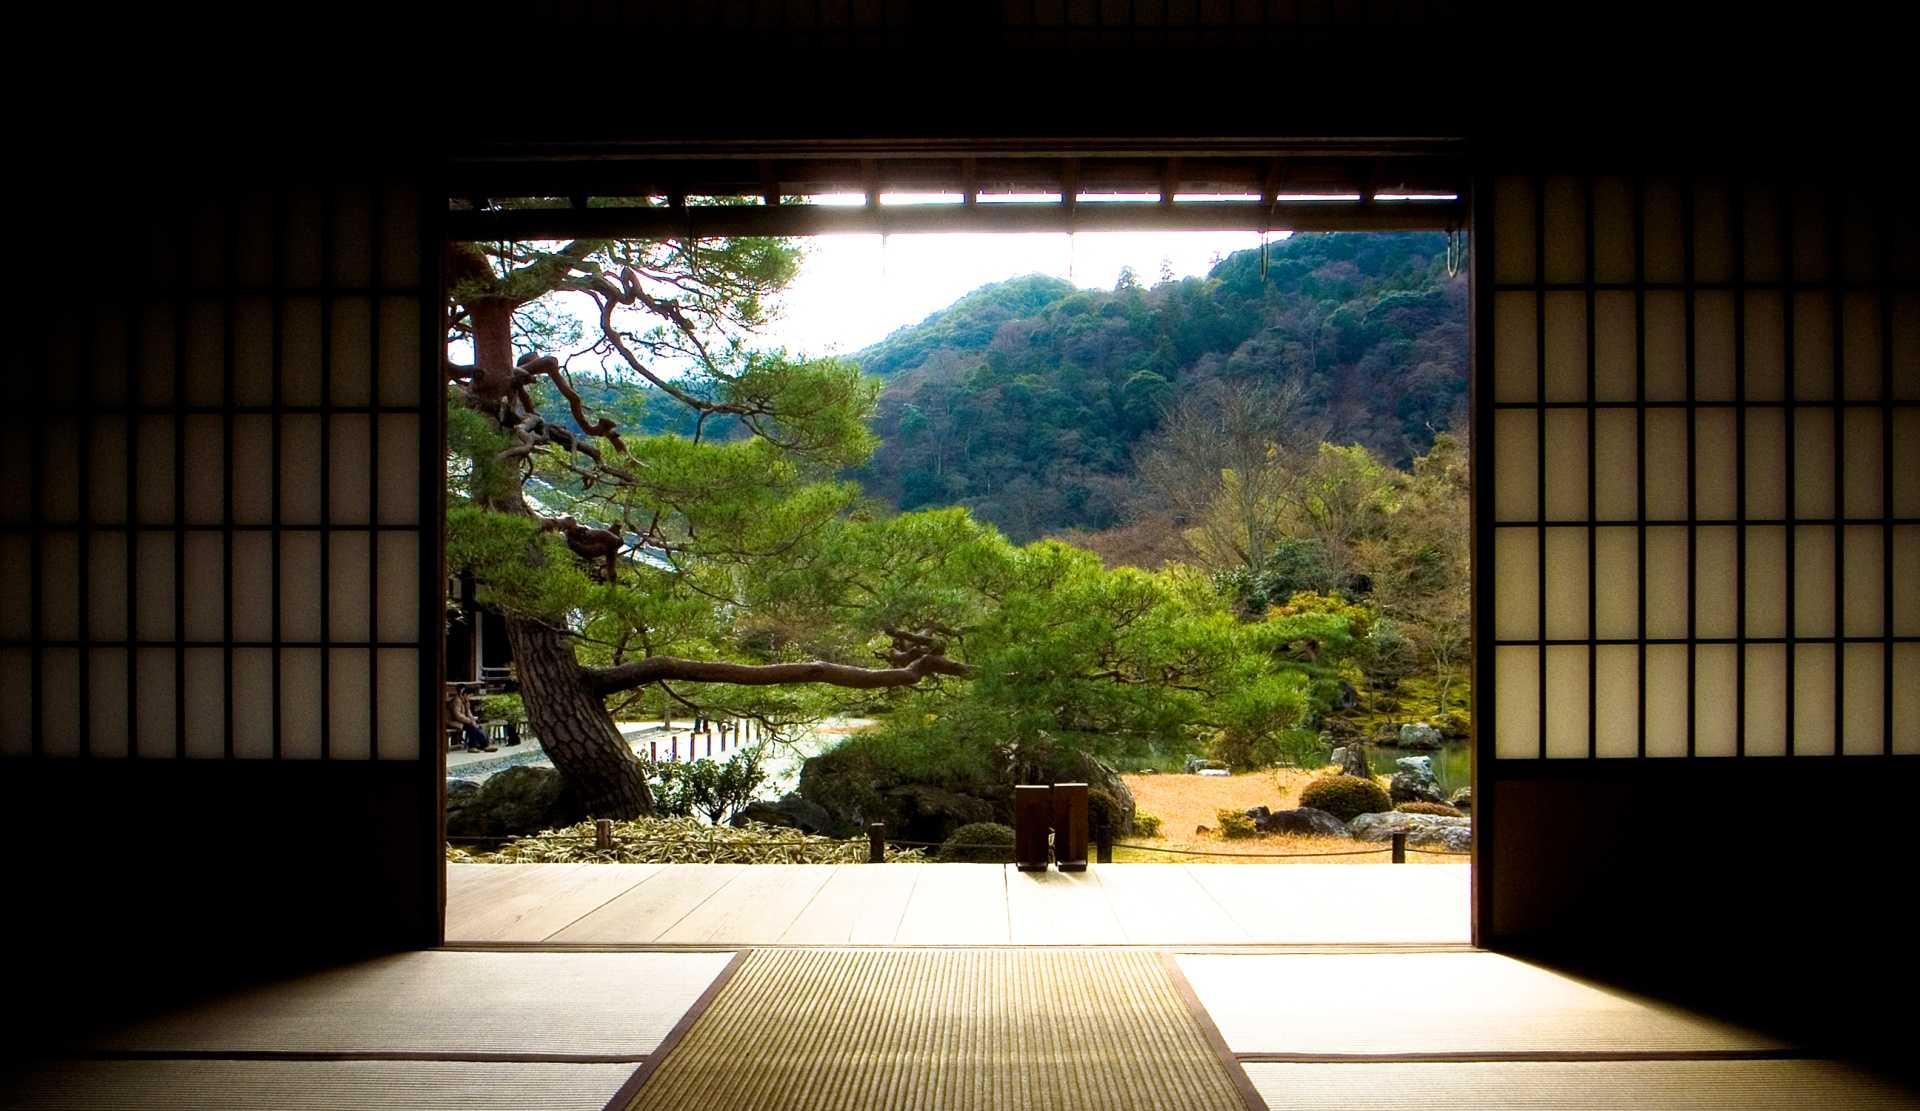 Japanese Zen Wallpapers - Top Free Japanese Zen Backgrounds